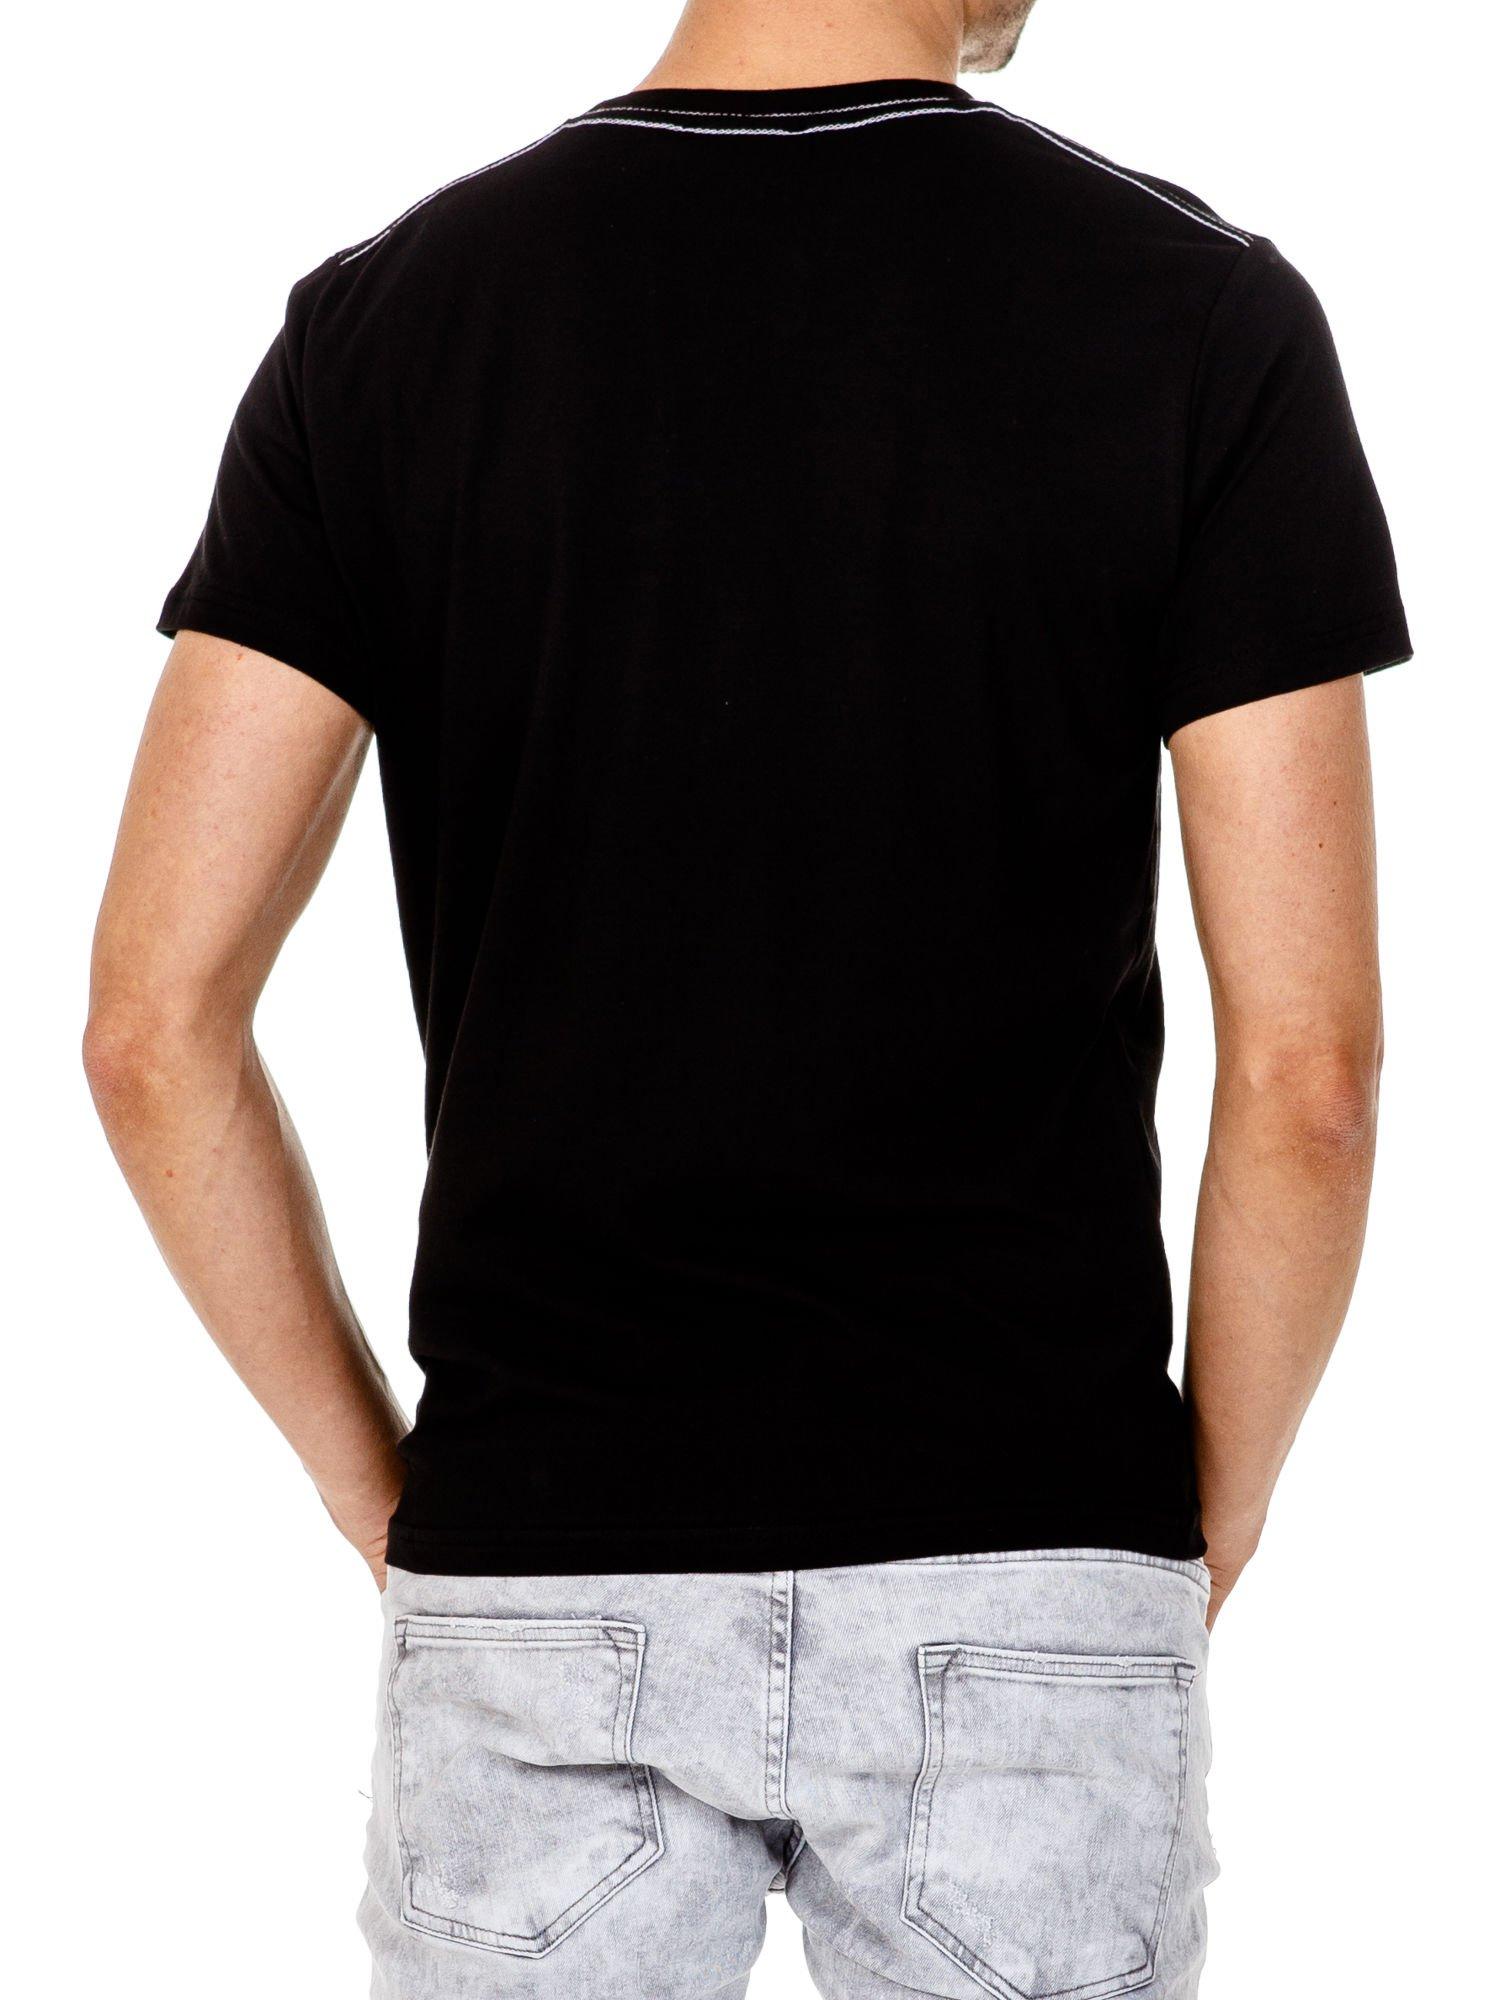 Czarny t-shirt męski ze sportowym nadrukiem i napisem SUPERIOR                                  zdj.                                  3